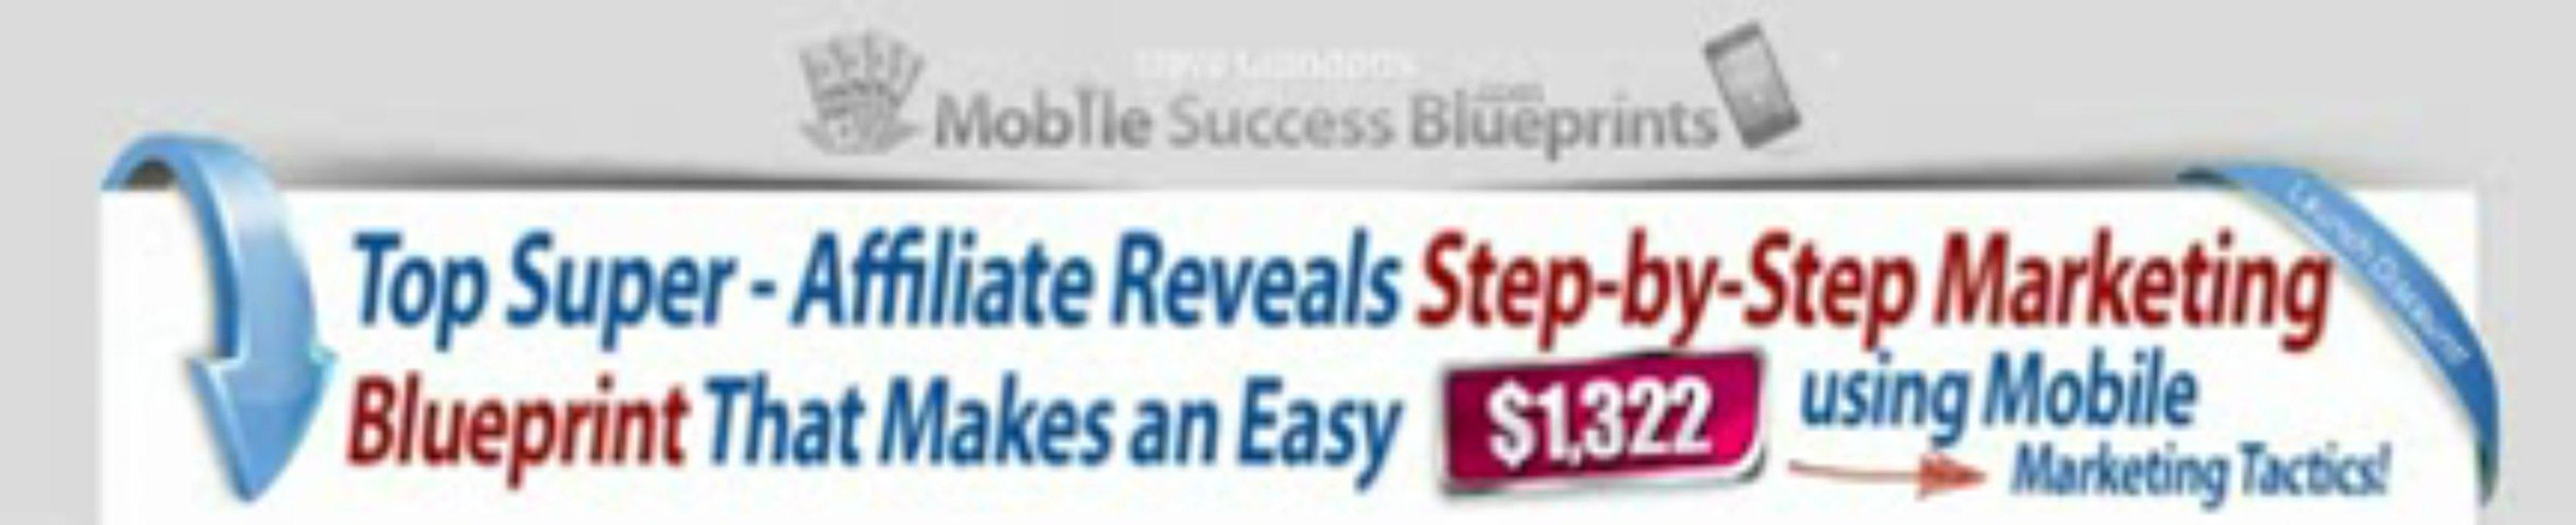 Mobile Success Blueprints - Tap Into A 5 Billion User Market! | Mobile Success Blueprints - Tap Into